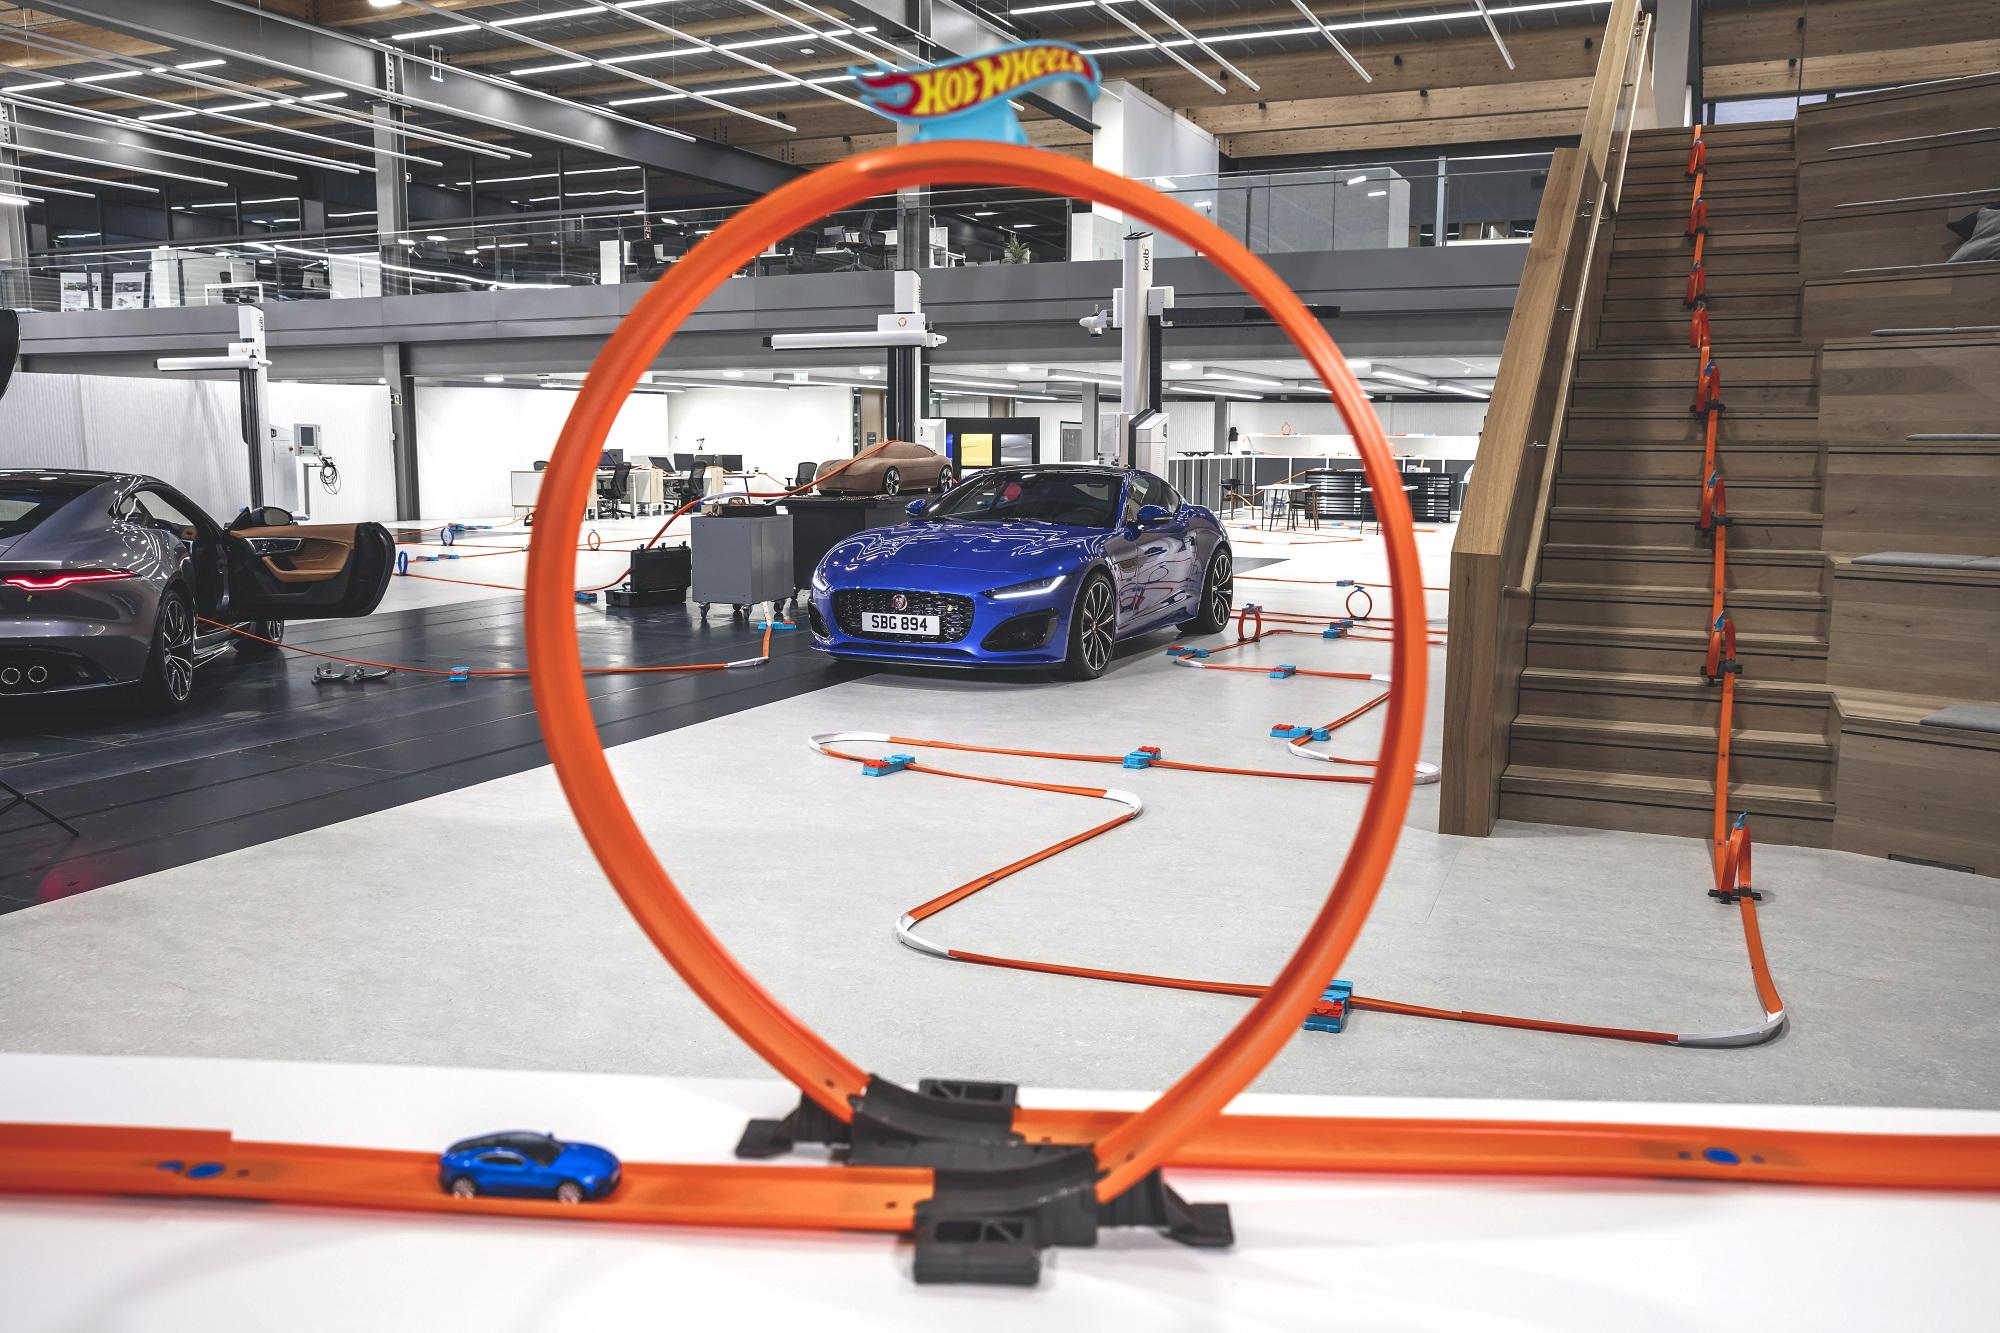 Der neue Jaguar F-Type bei Auto Stahl